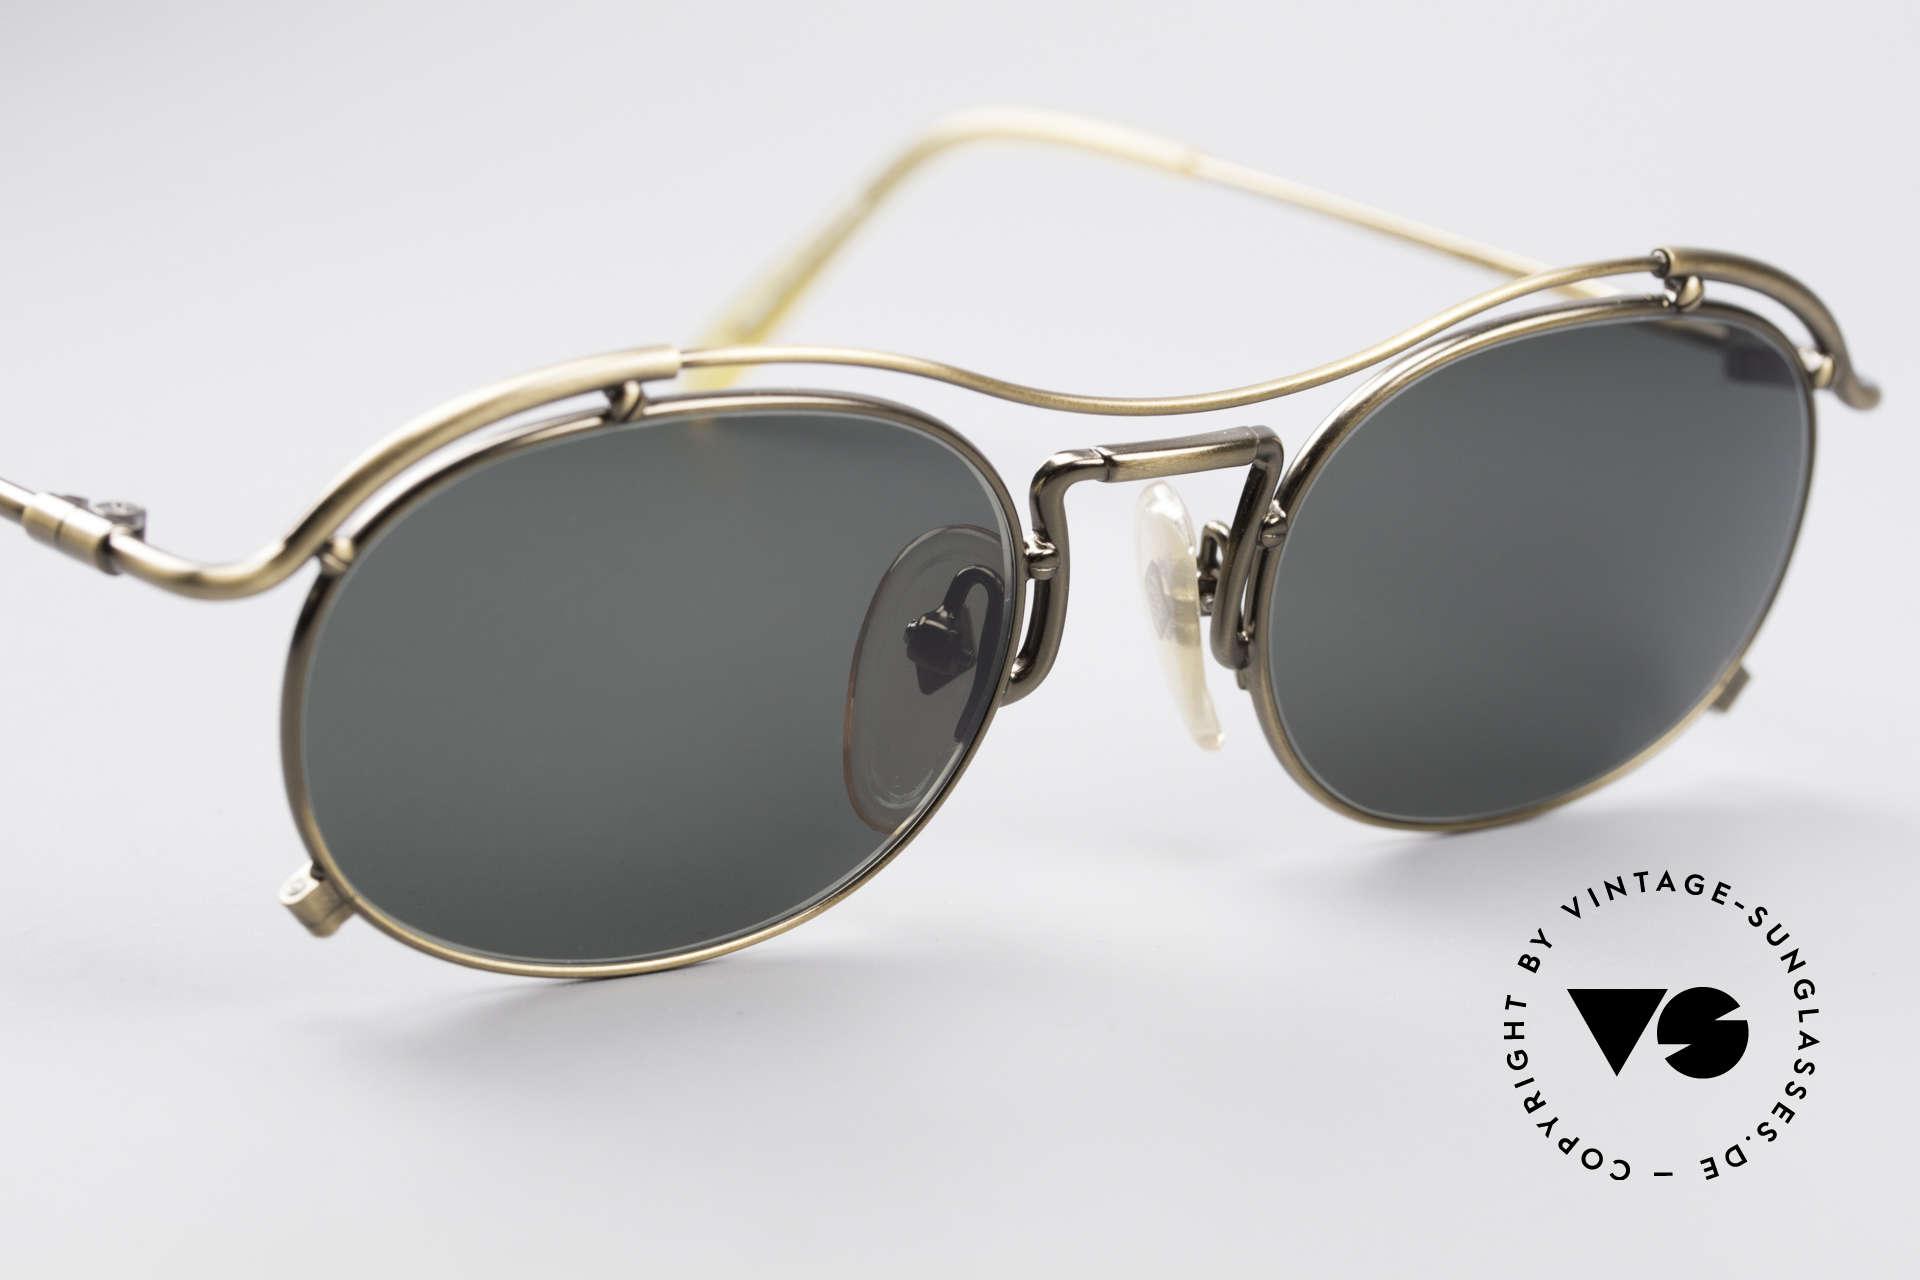 Jean Paul Gaultier 55-2170 No Retro 90er Sonnenbrille, ungetragen; wie alle unsere 90er JPG Sonnenbrillen, Passend für Herren und Damen